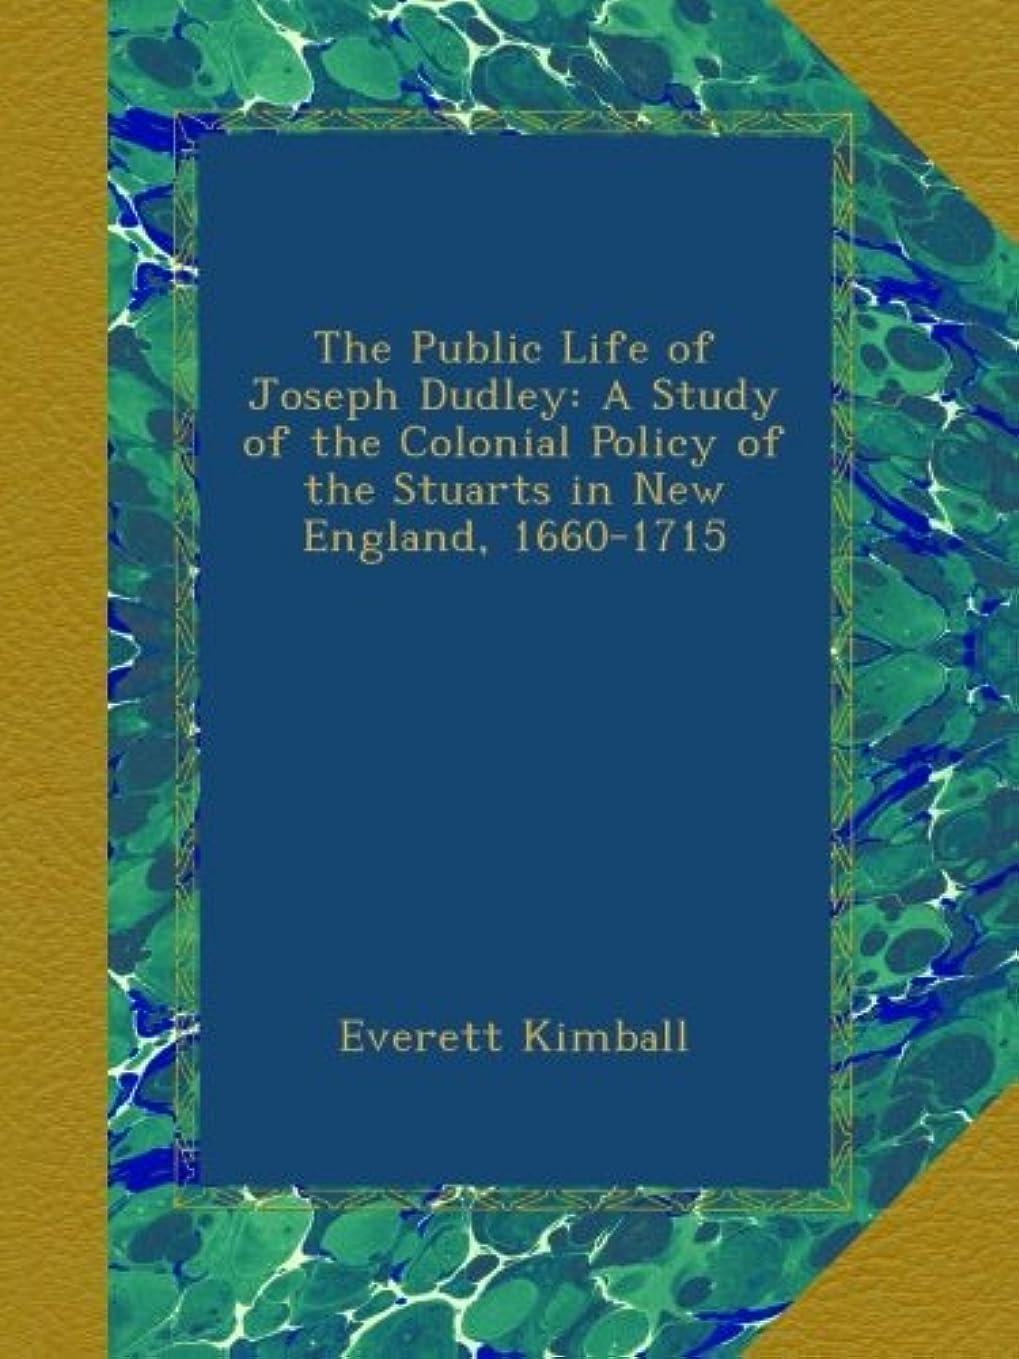 血統醜いスケジュールThe Public Life of Joseph Dudley: A Study of the Colonial Policy of the Stuarts in New England, 1660-1715